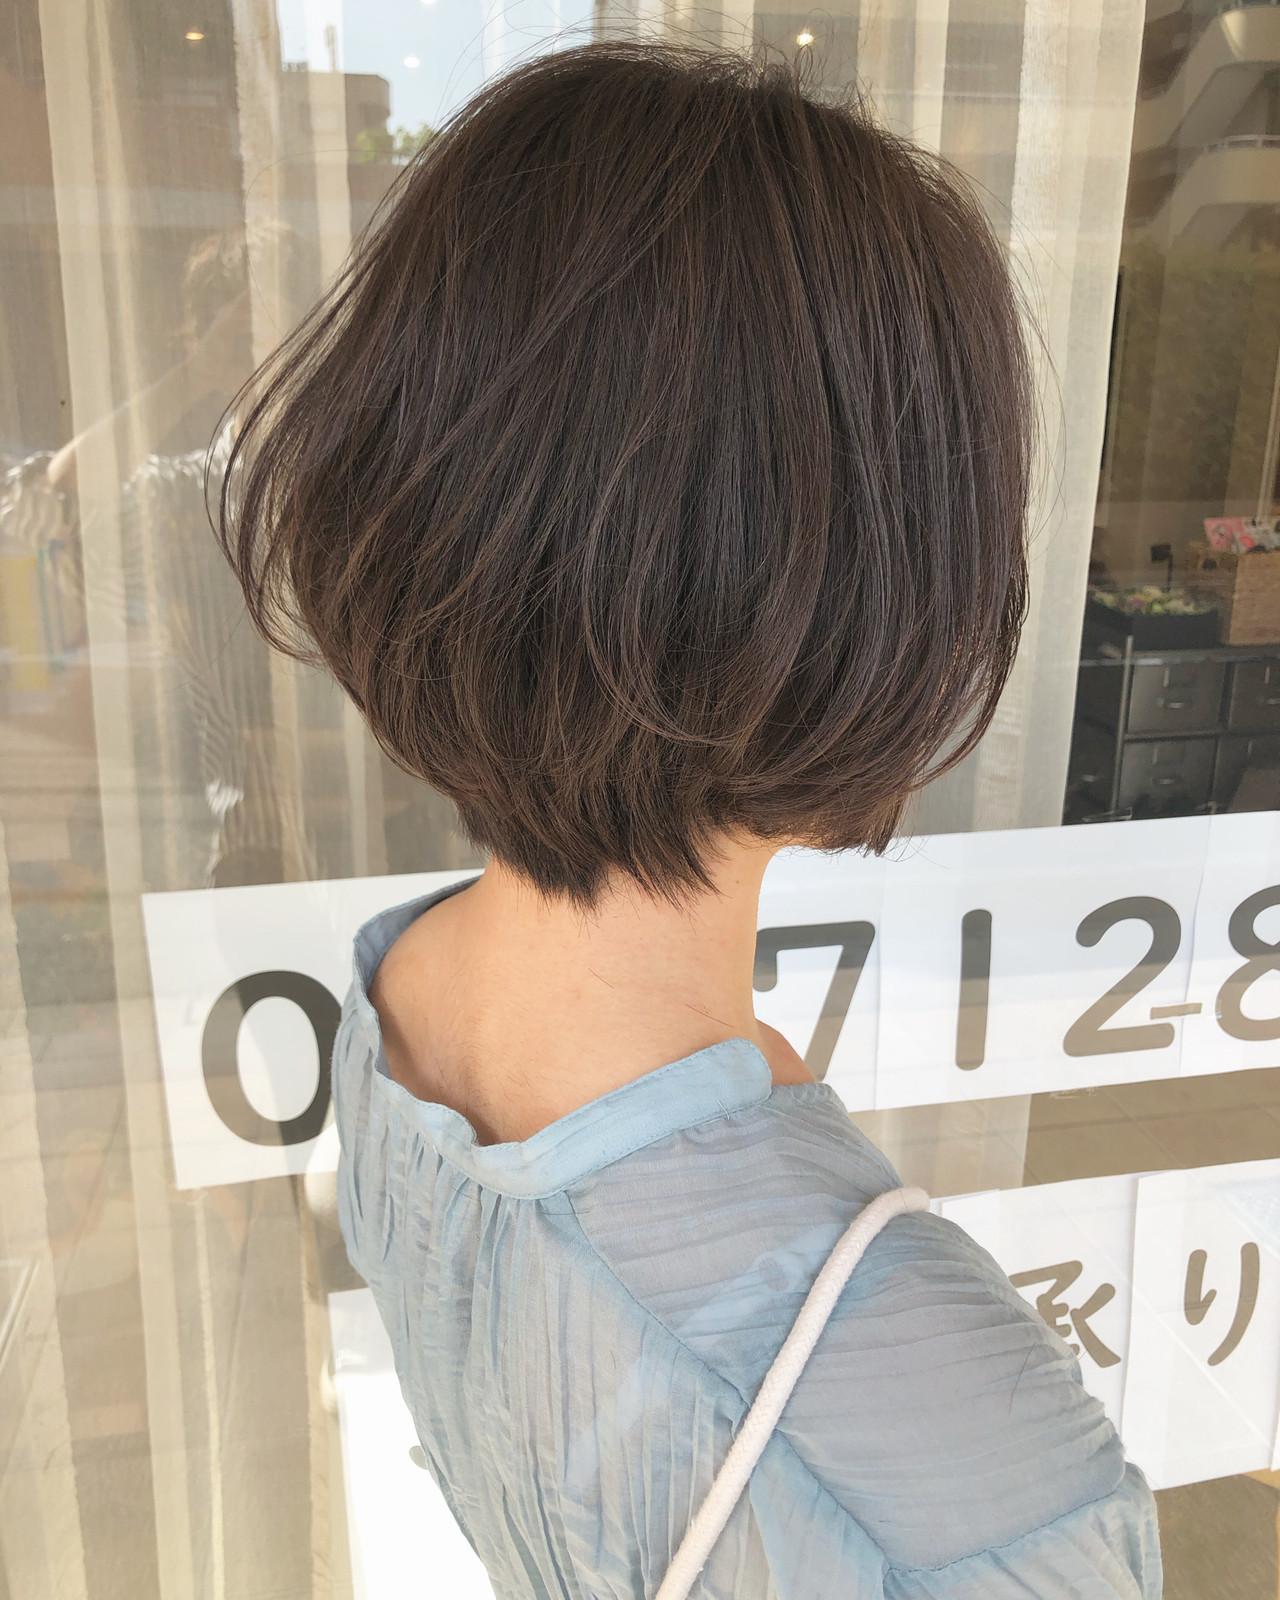 大人ショート ボブ マッシュショート ショートボブ ヘアスタイルや髪型の写真・画像